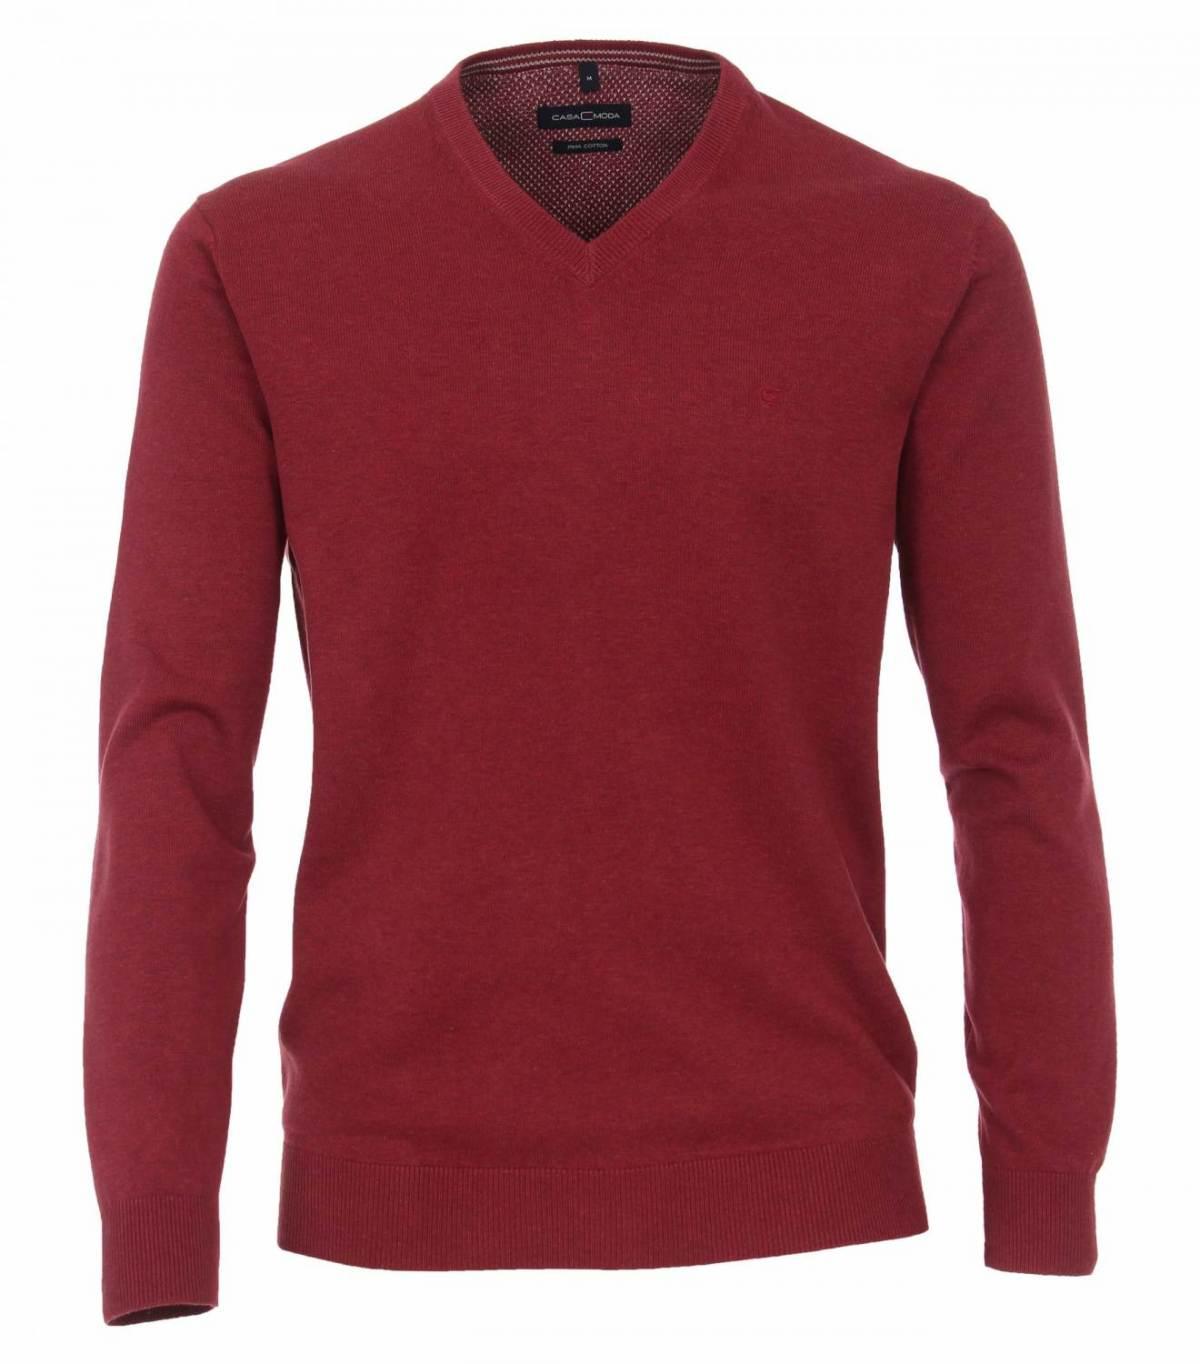 004430 962 - - Con Murphys Menswear